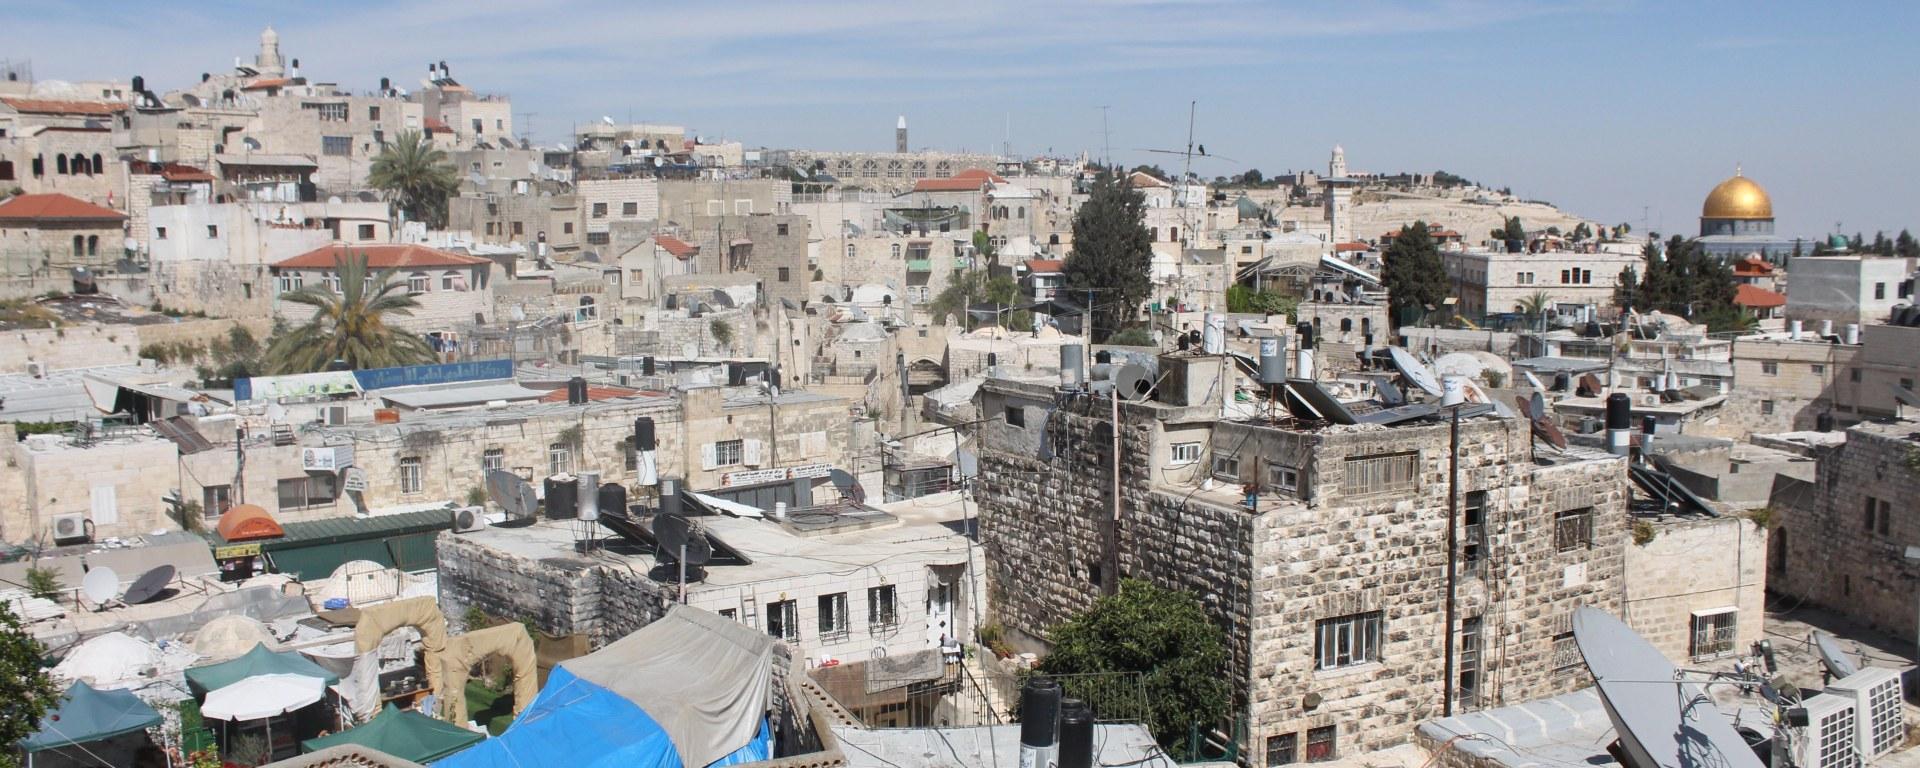 Jerusalem, travel, photography, travel photography, Jerusalem photographer, Jerusalem photography, Jerusalem photos old city, Jerusalem travel photography